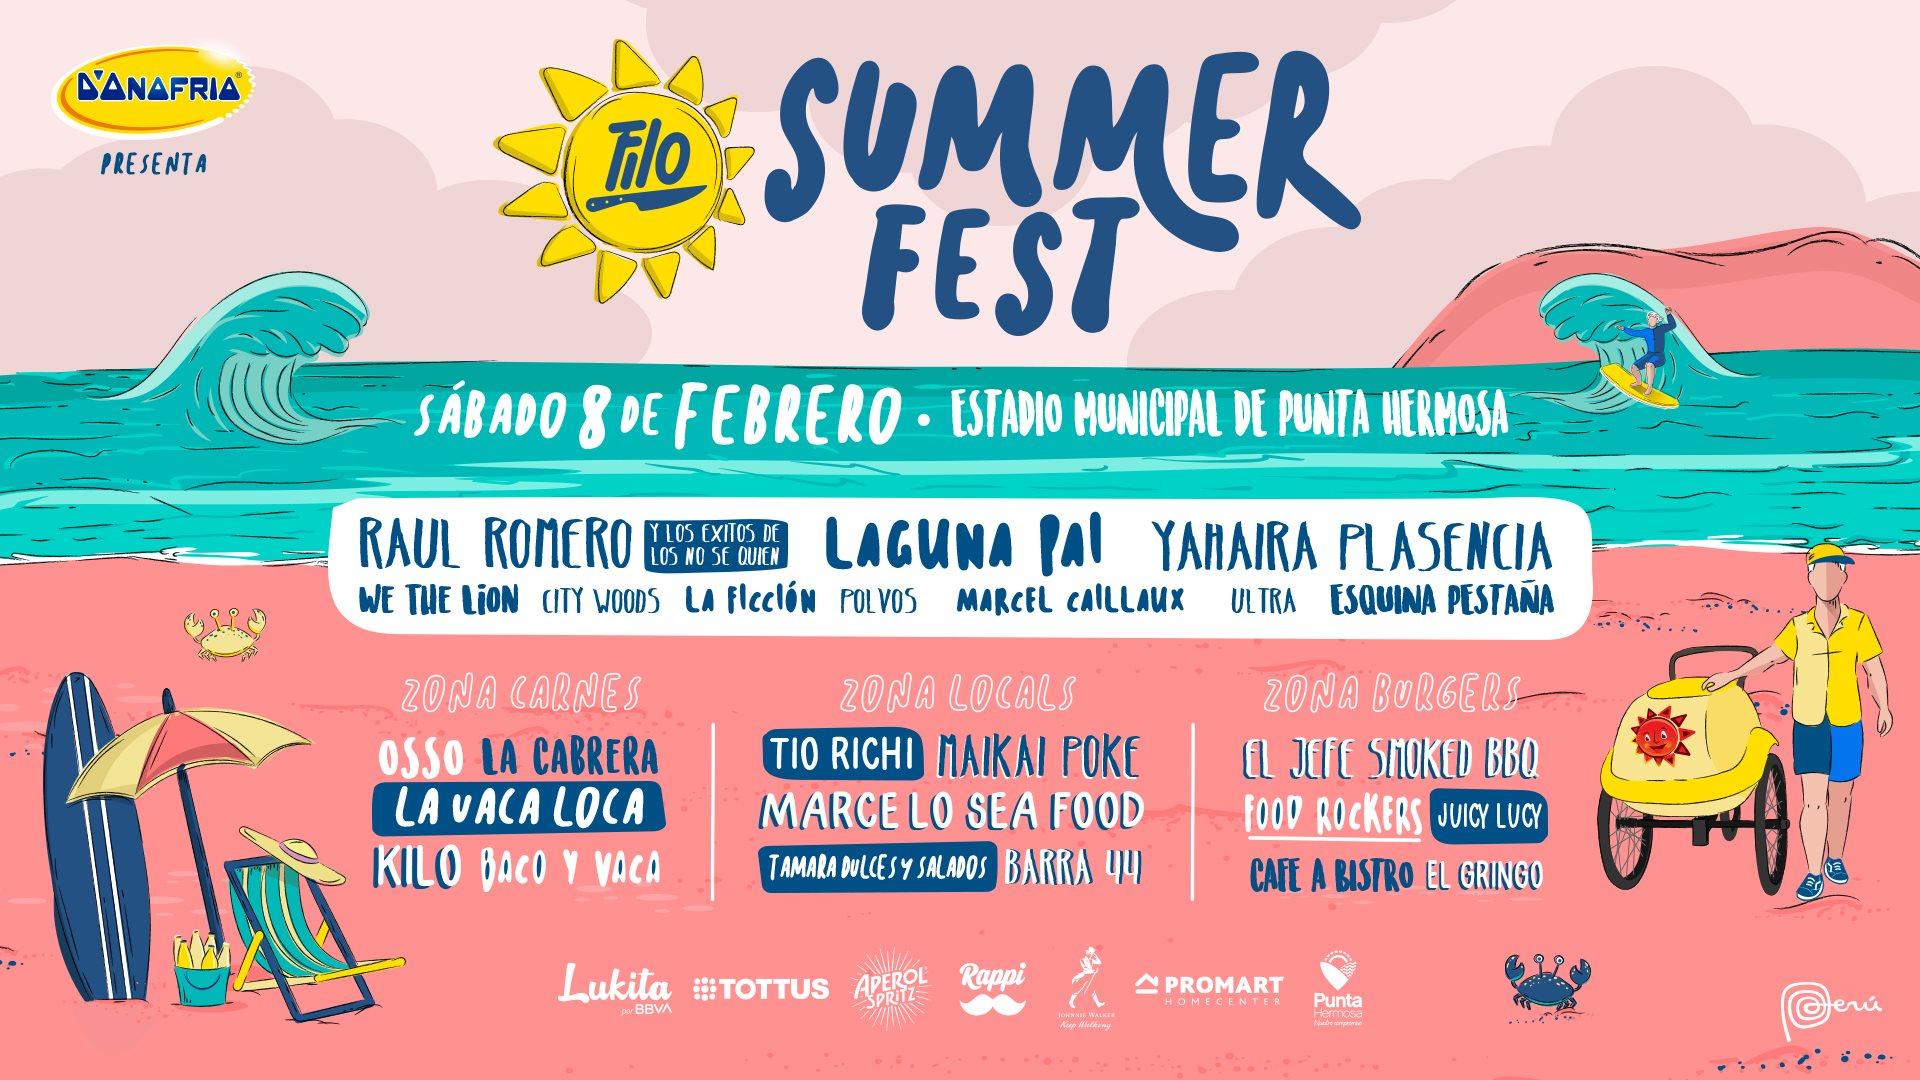 filo summer fest